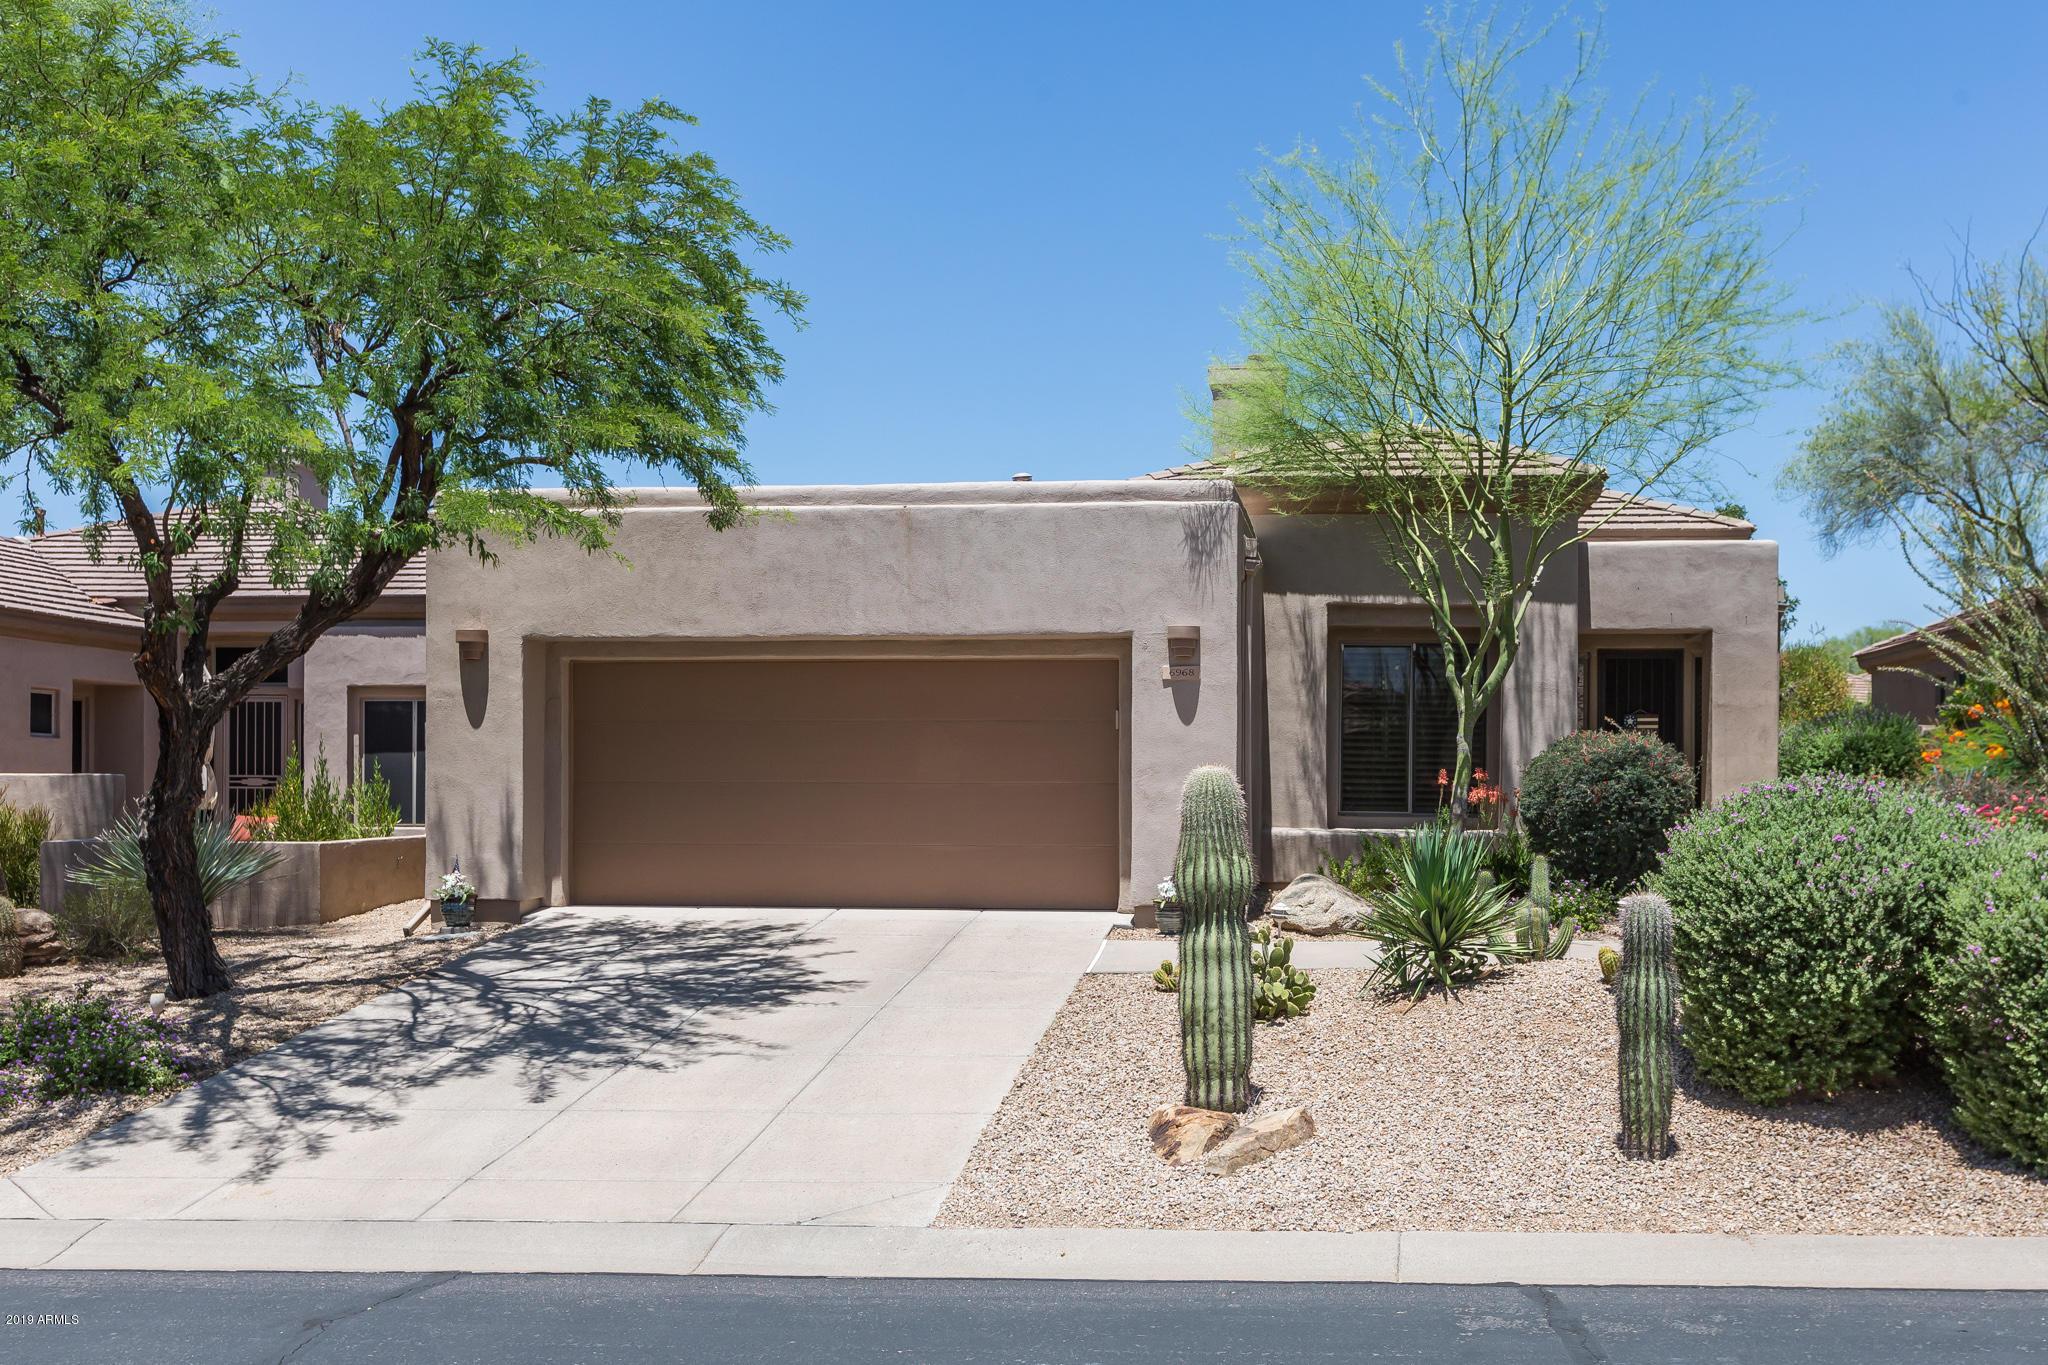 Photo of 6968 E SIENNA BOUQUET Place, Scottsdale, AZ 85266